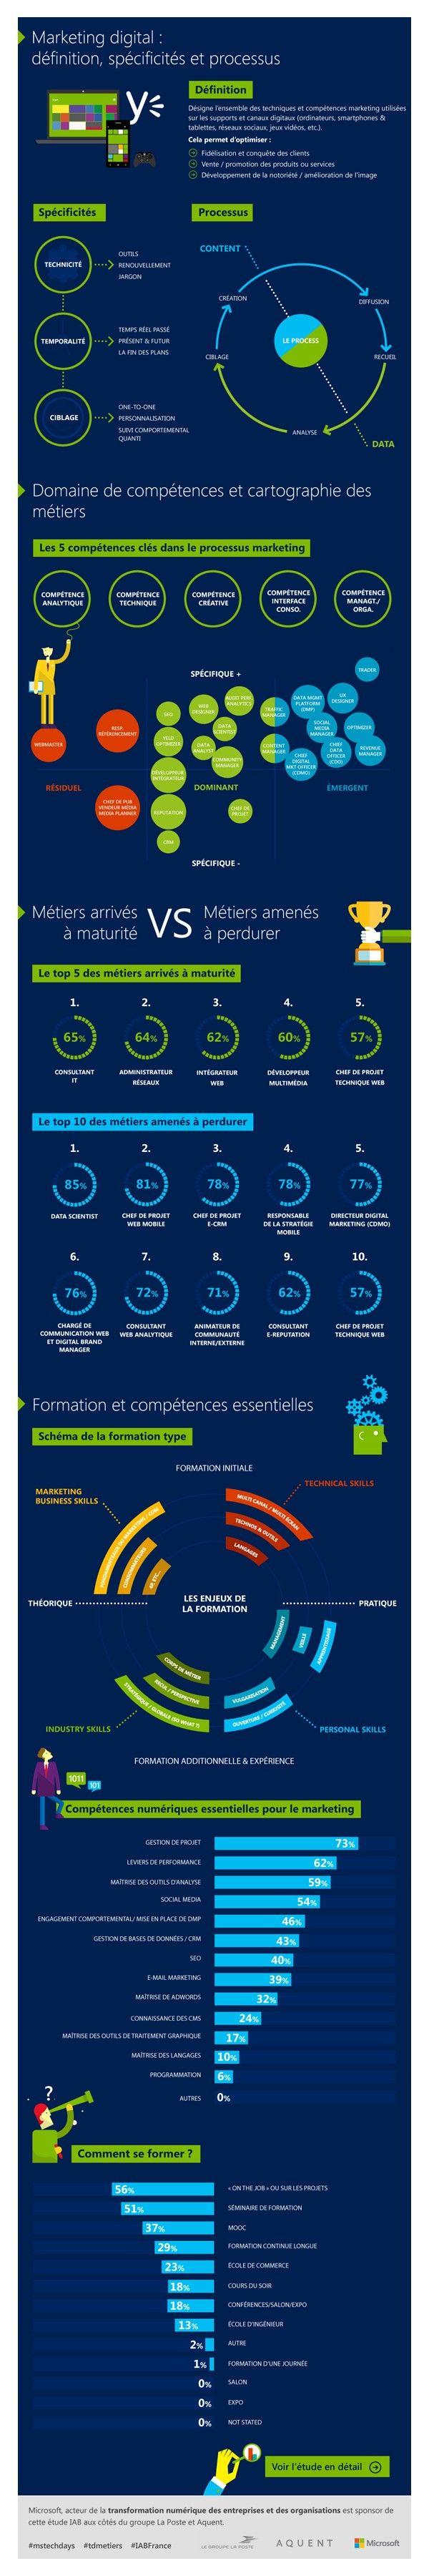 INfographie sur le marketing digital : définition et spécificités du marketing digital